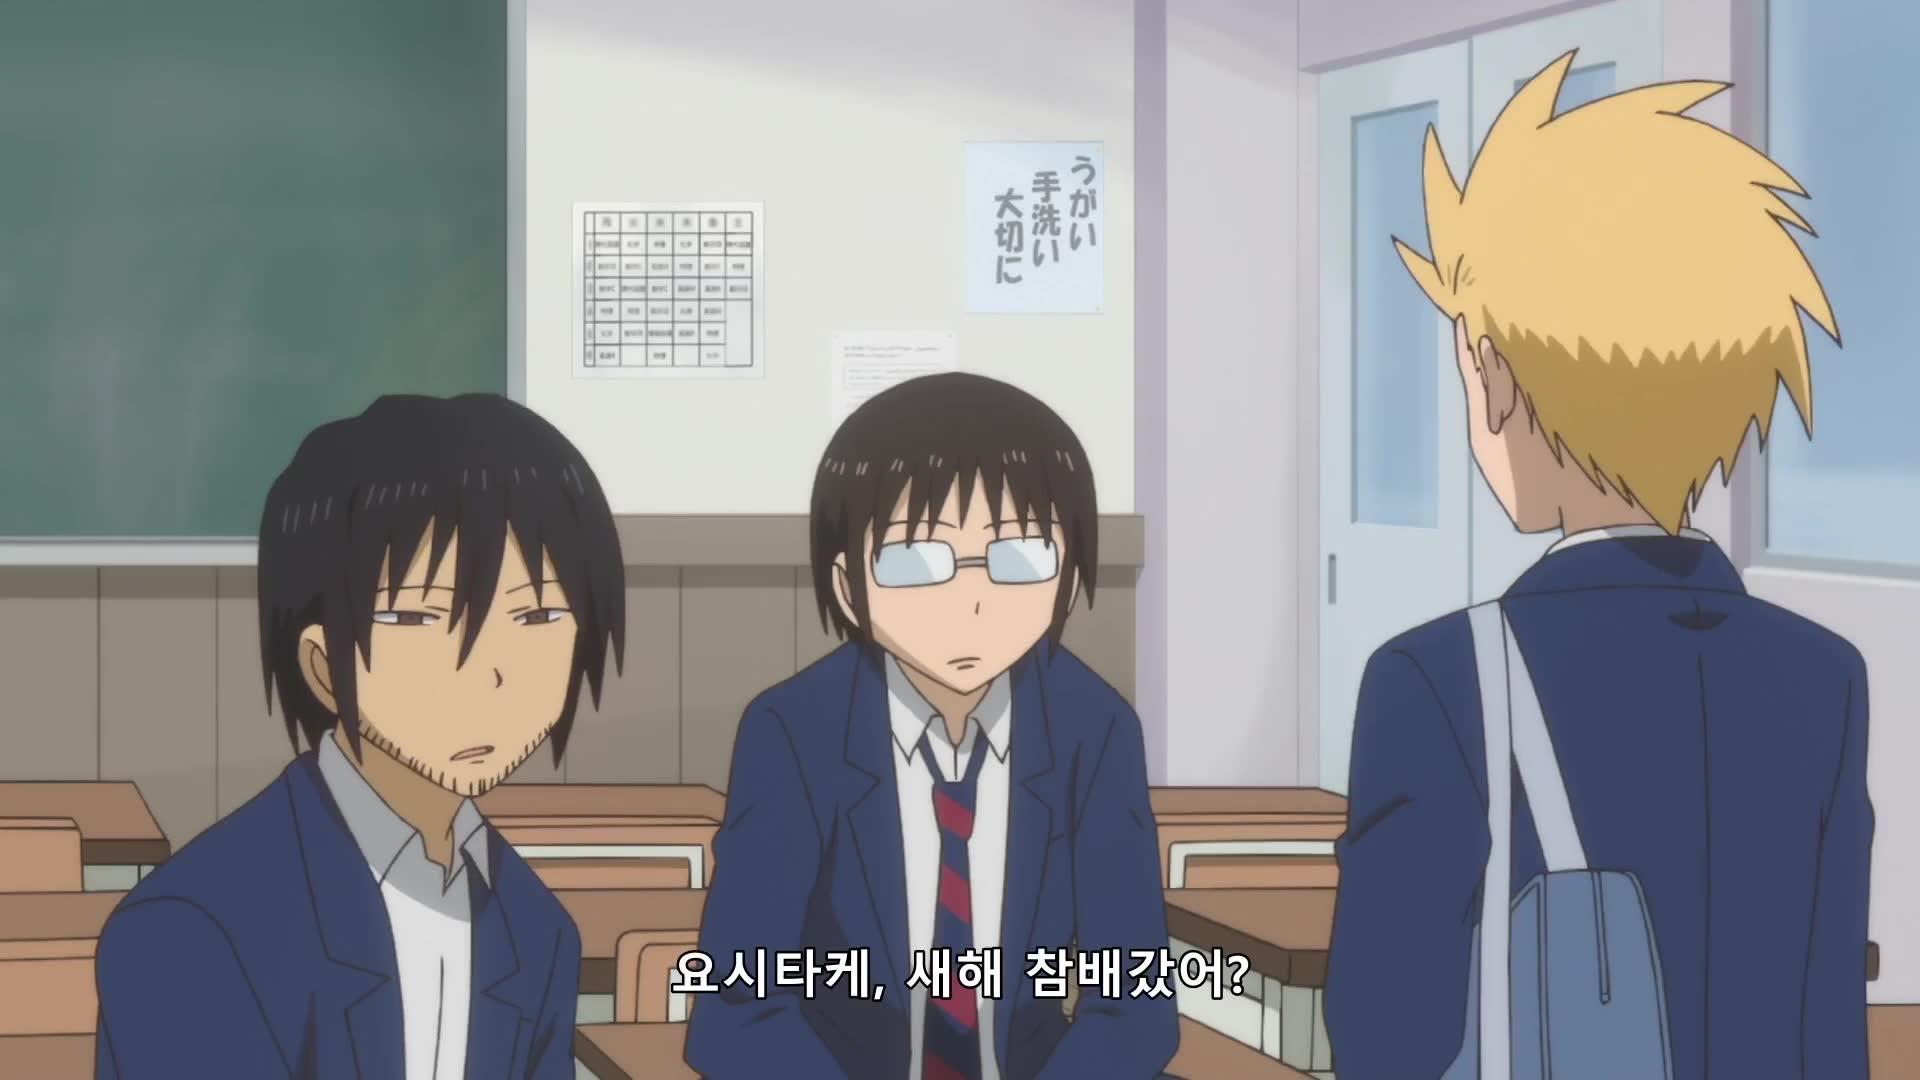 6화 남자 고교생과 성스러운 밤 외